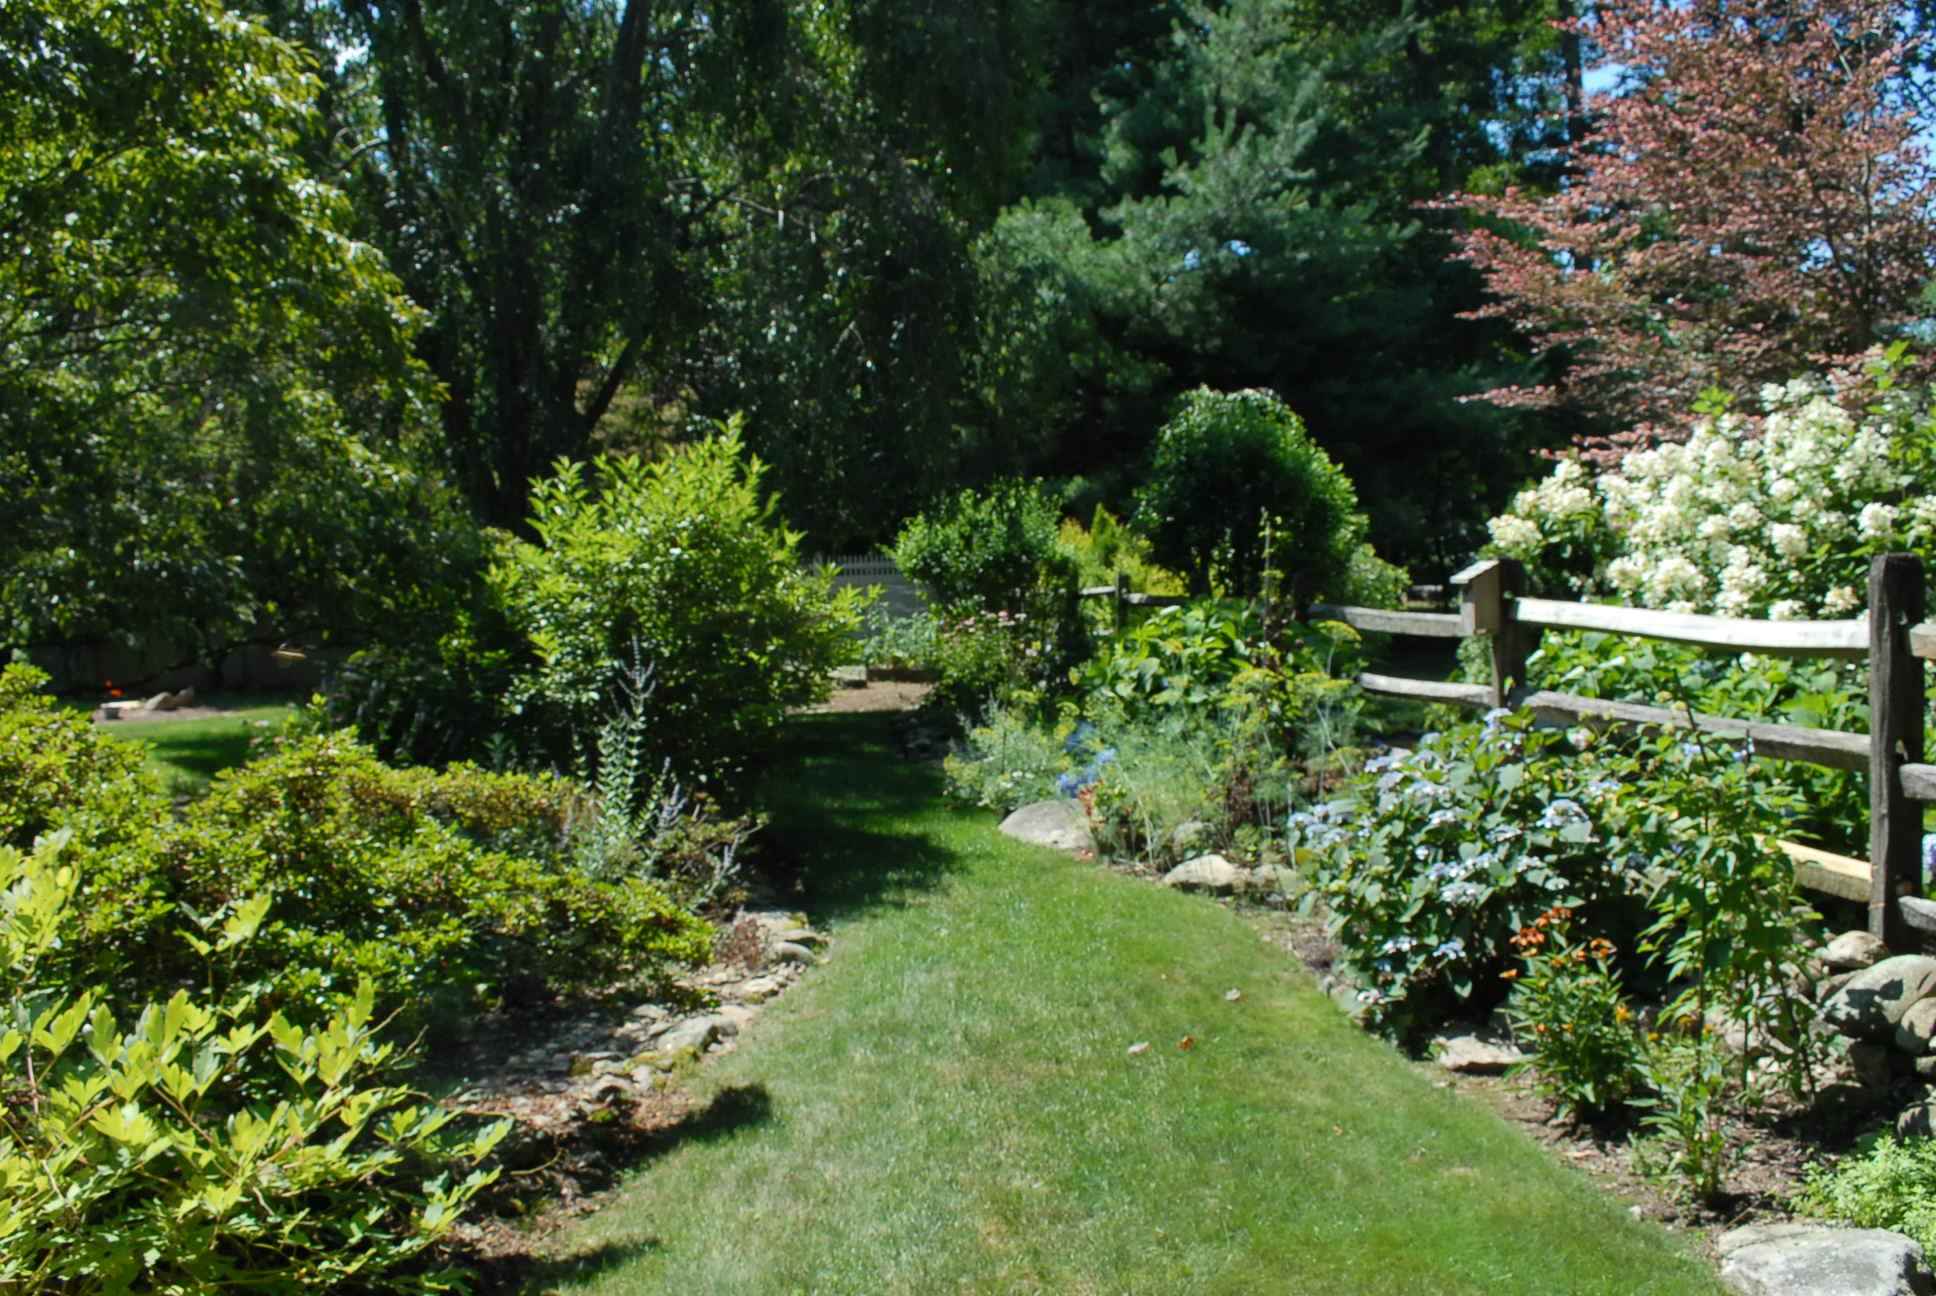 Anita Otten-Ramm's Garden